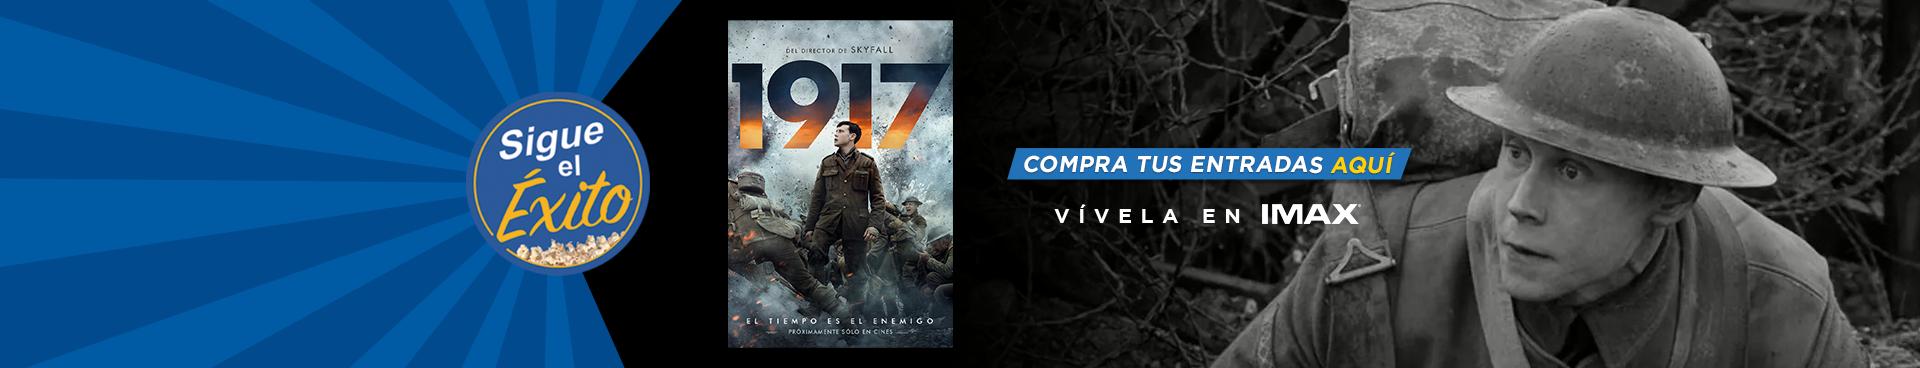 SIGUE EL ÉXITO: 1917, VIVELA EN IMAX,  COMPRA TUS ENTRADAS AQUÍ